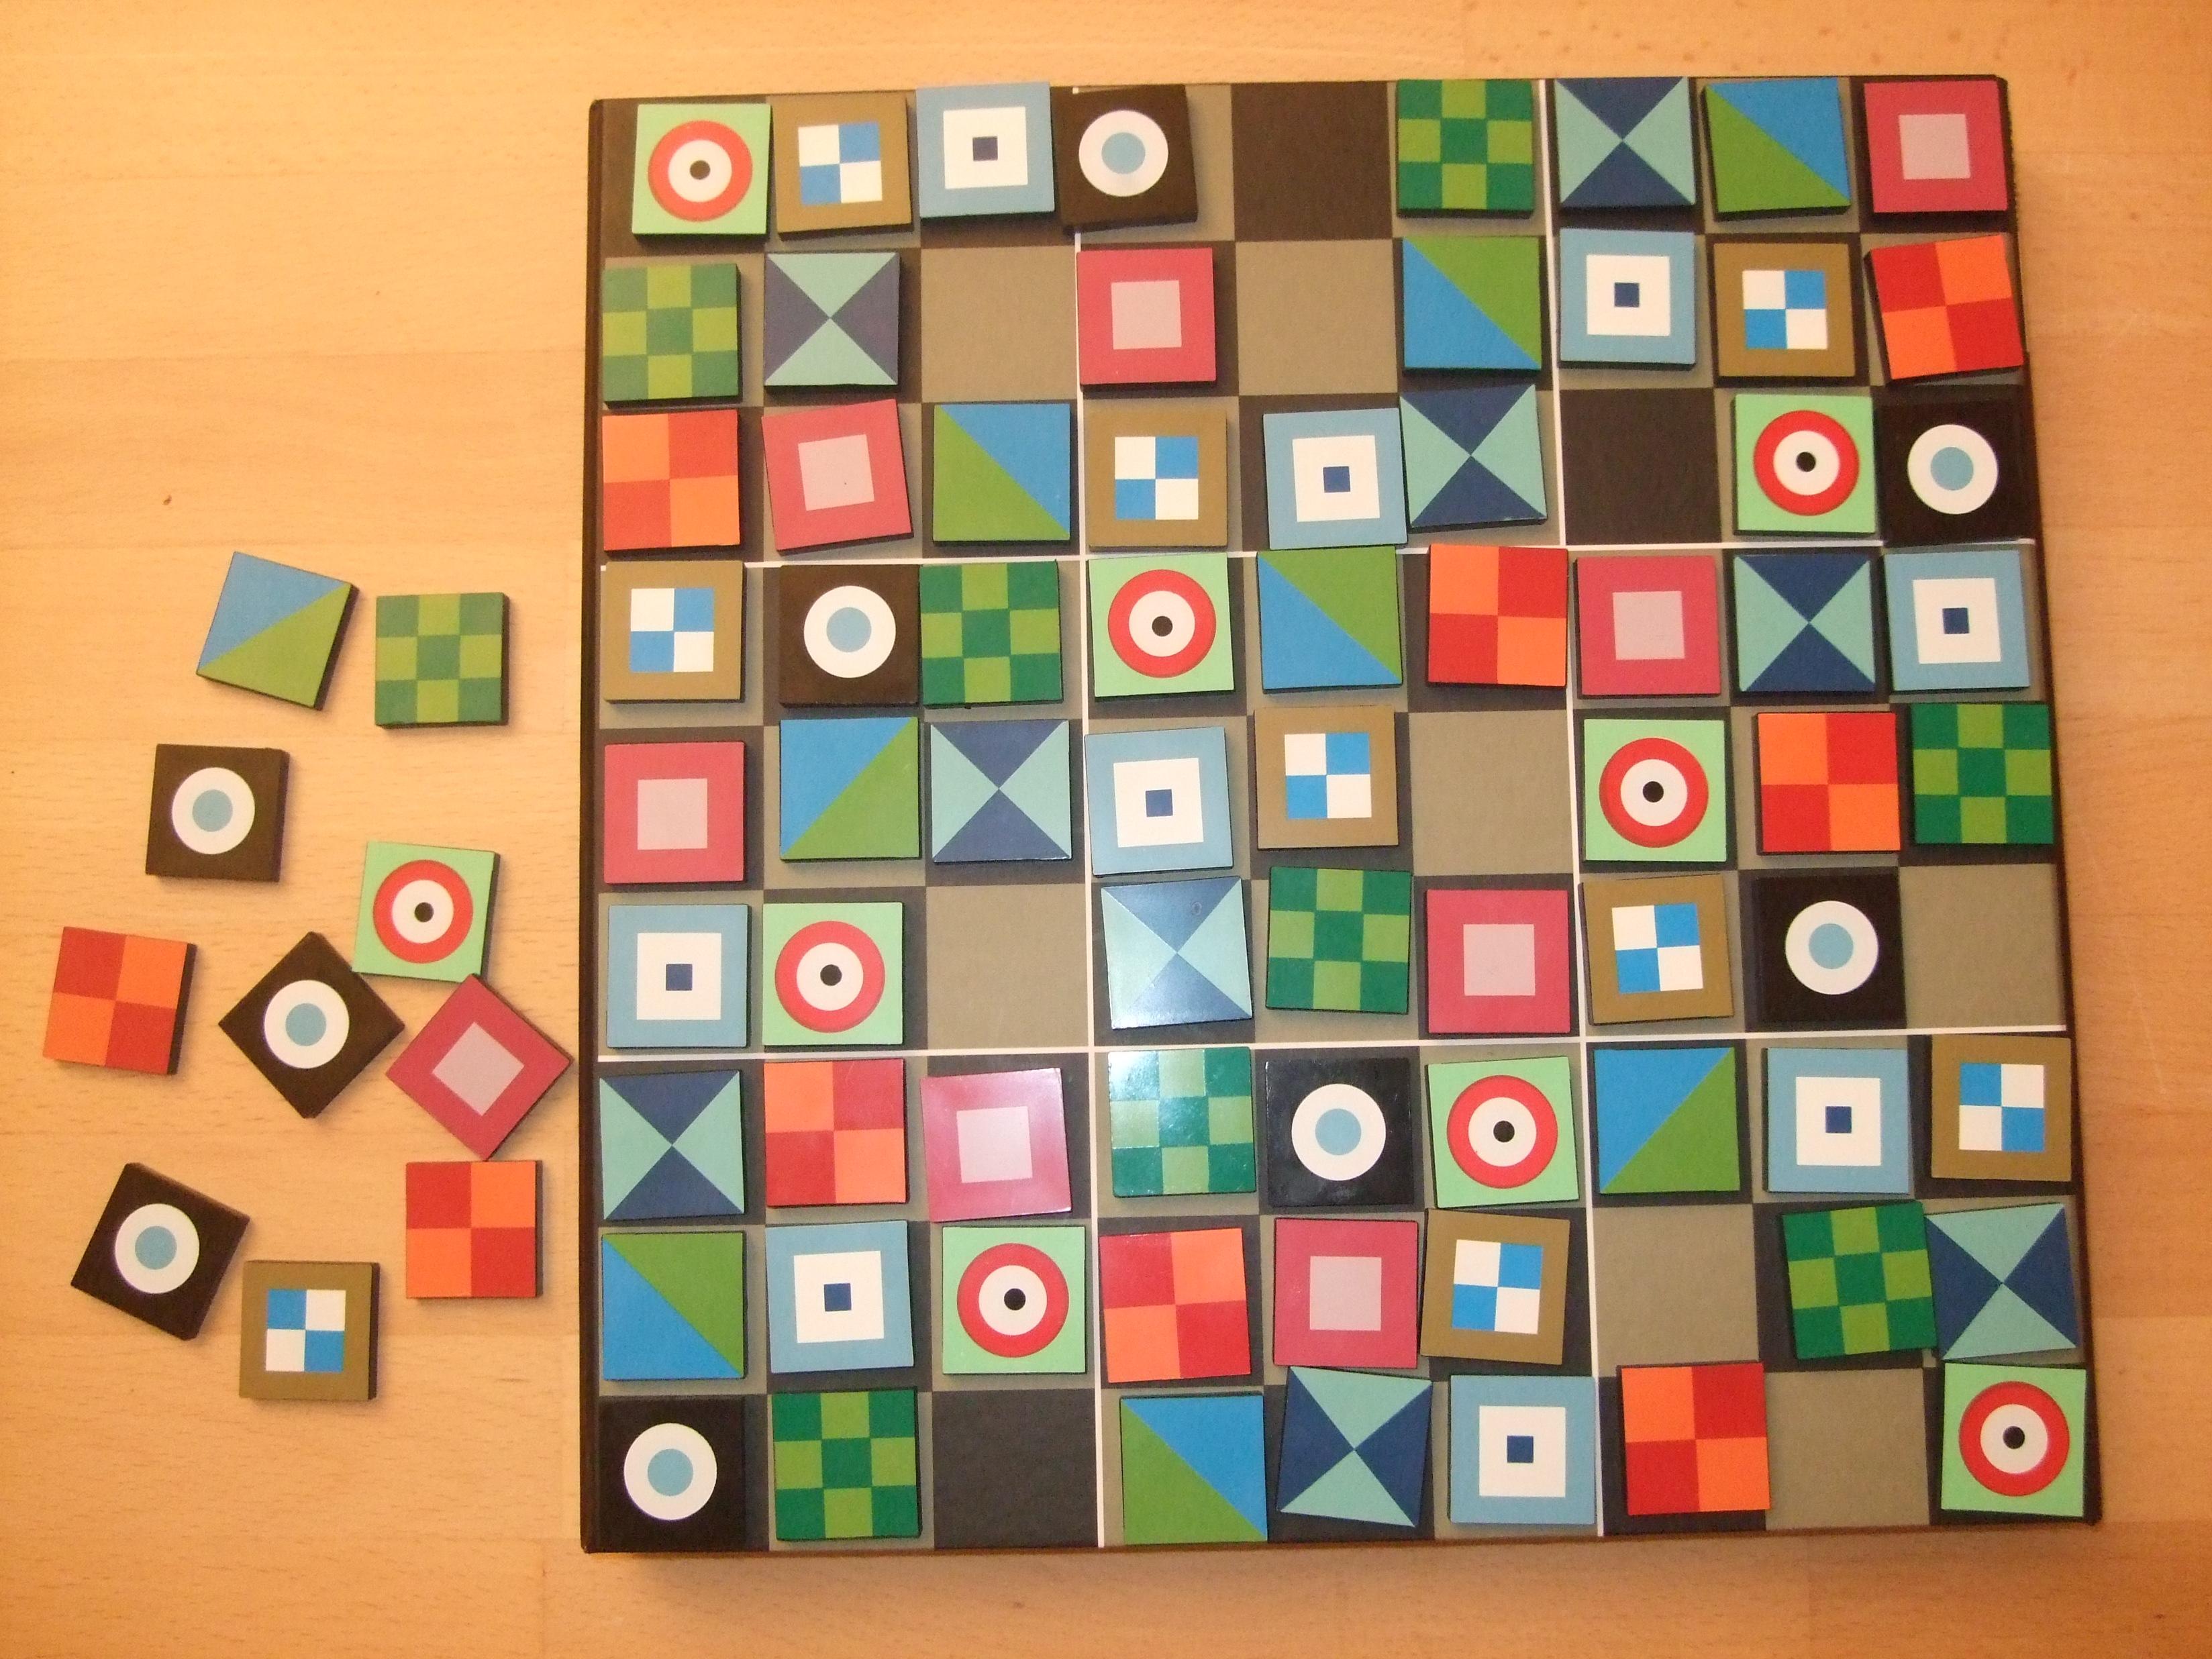 Gespielt: Sudoku von Remember - senkpiel.net